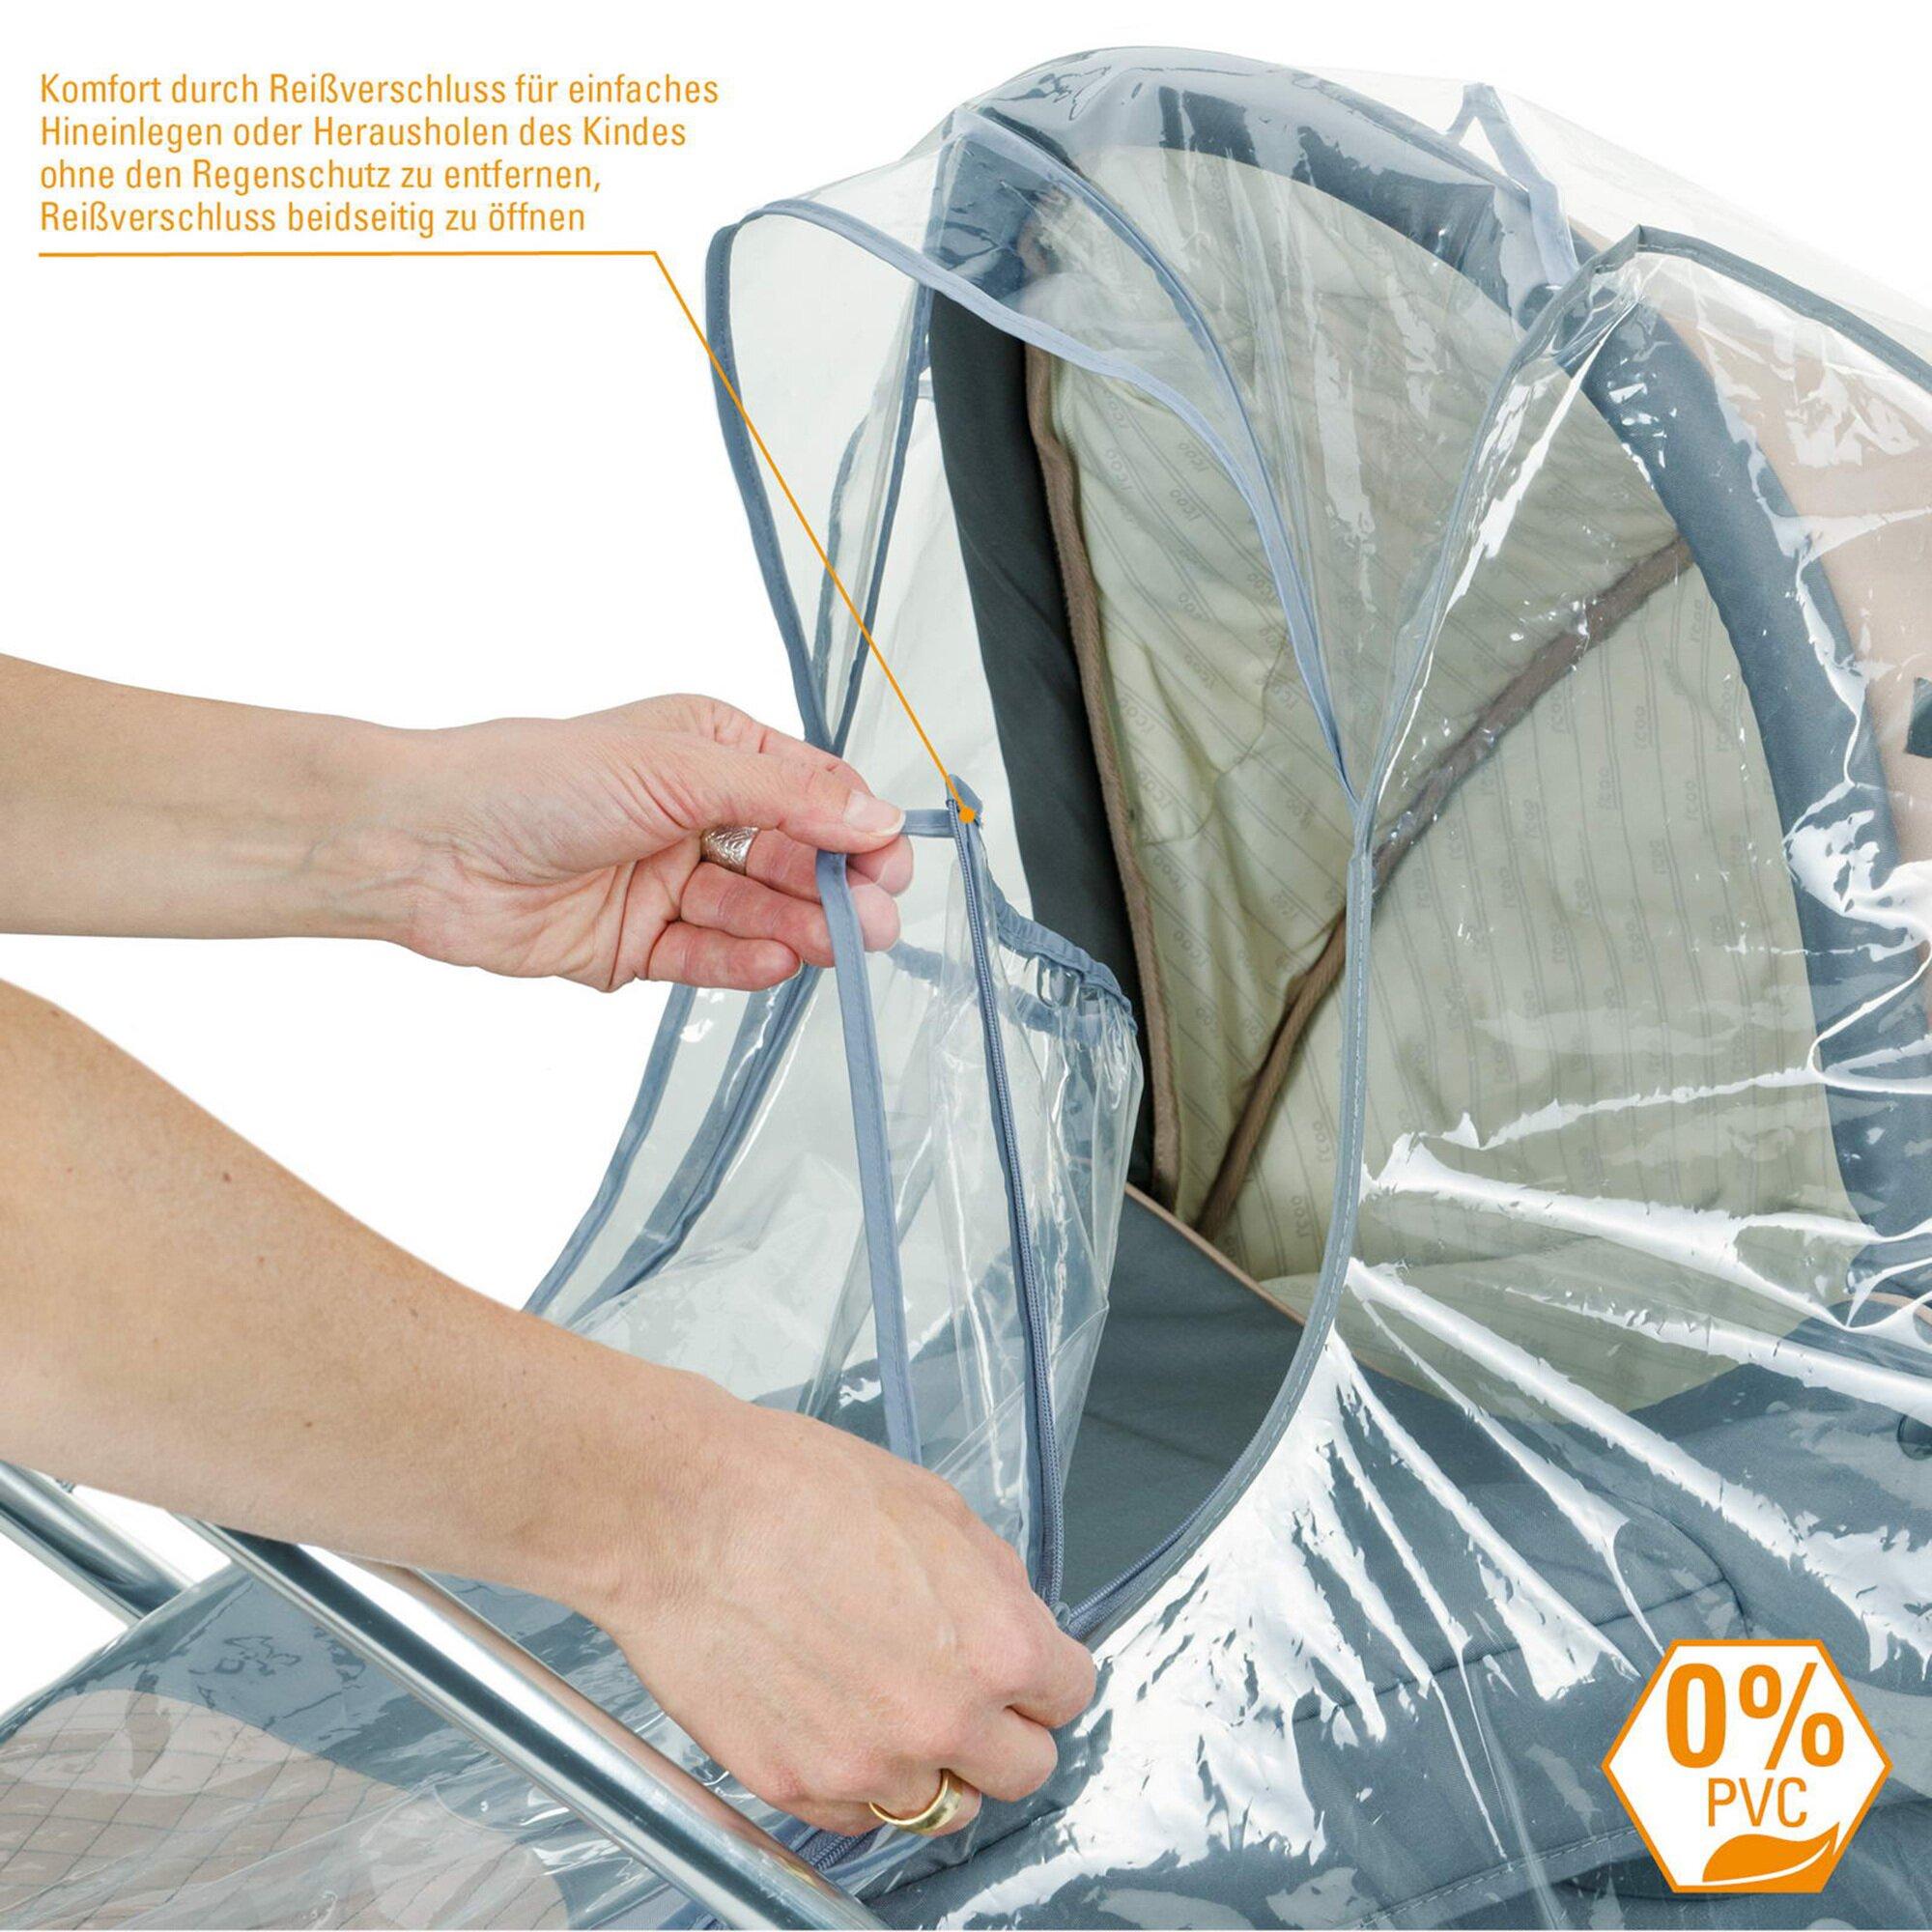 diago-regenschutz-mit-rei-verschluss-und-reflektor-fur-kinderwagen-und-buggy-transparent